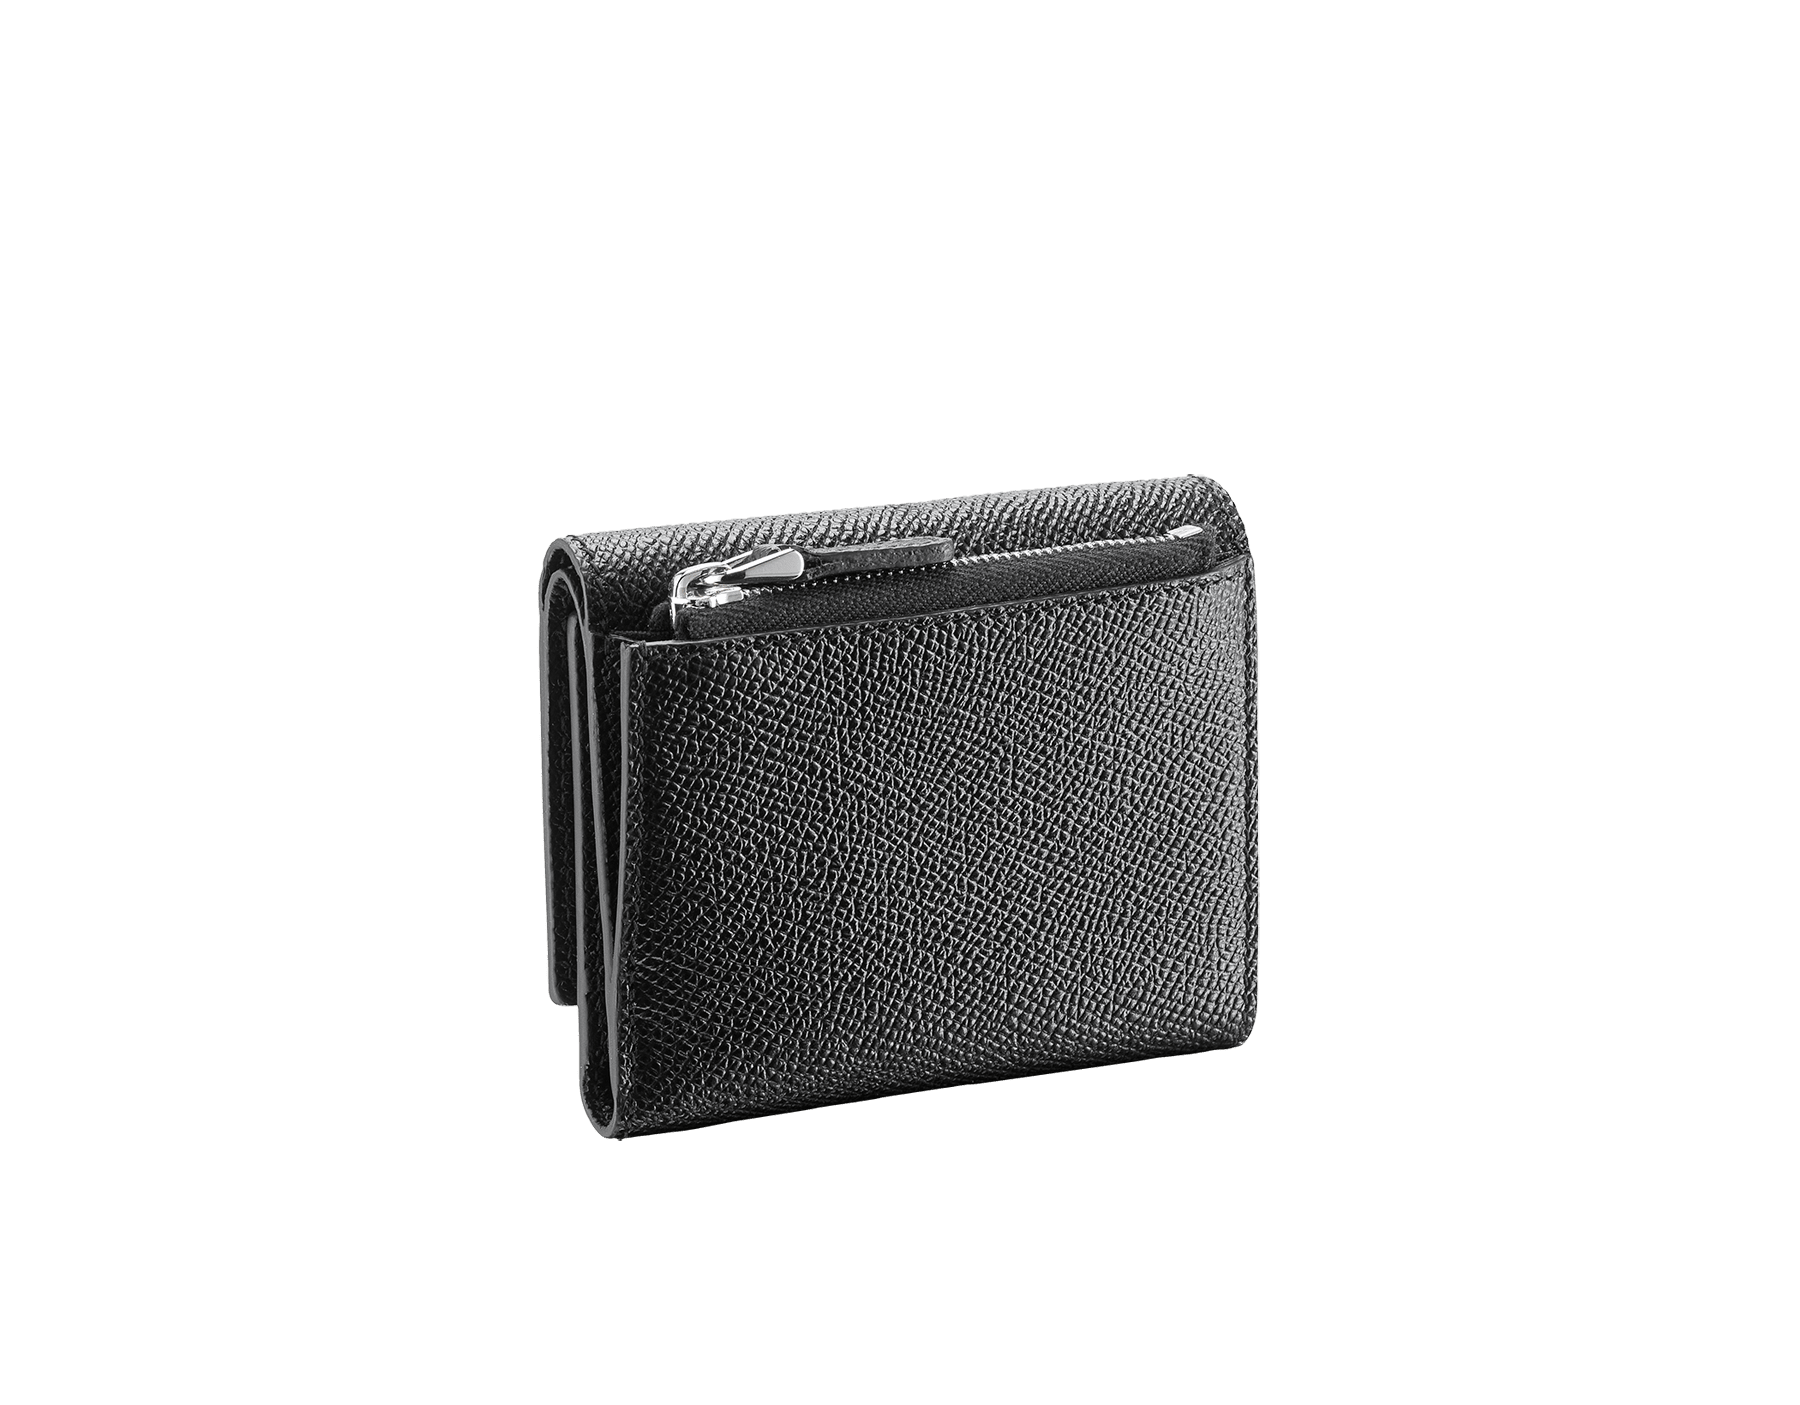 ブラックのグレインカーフレザー製ブルガリ・ブルガリ スリムコンパクトウォレット。ブラスパラジウムプレートのアイコニックなロゴのクロージャークリップ。 289369 image 3